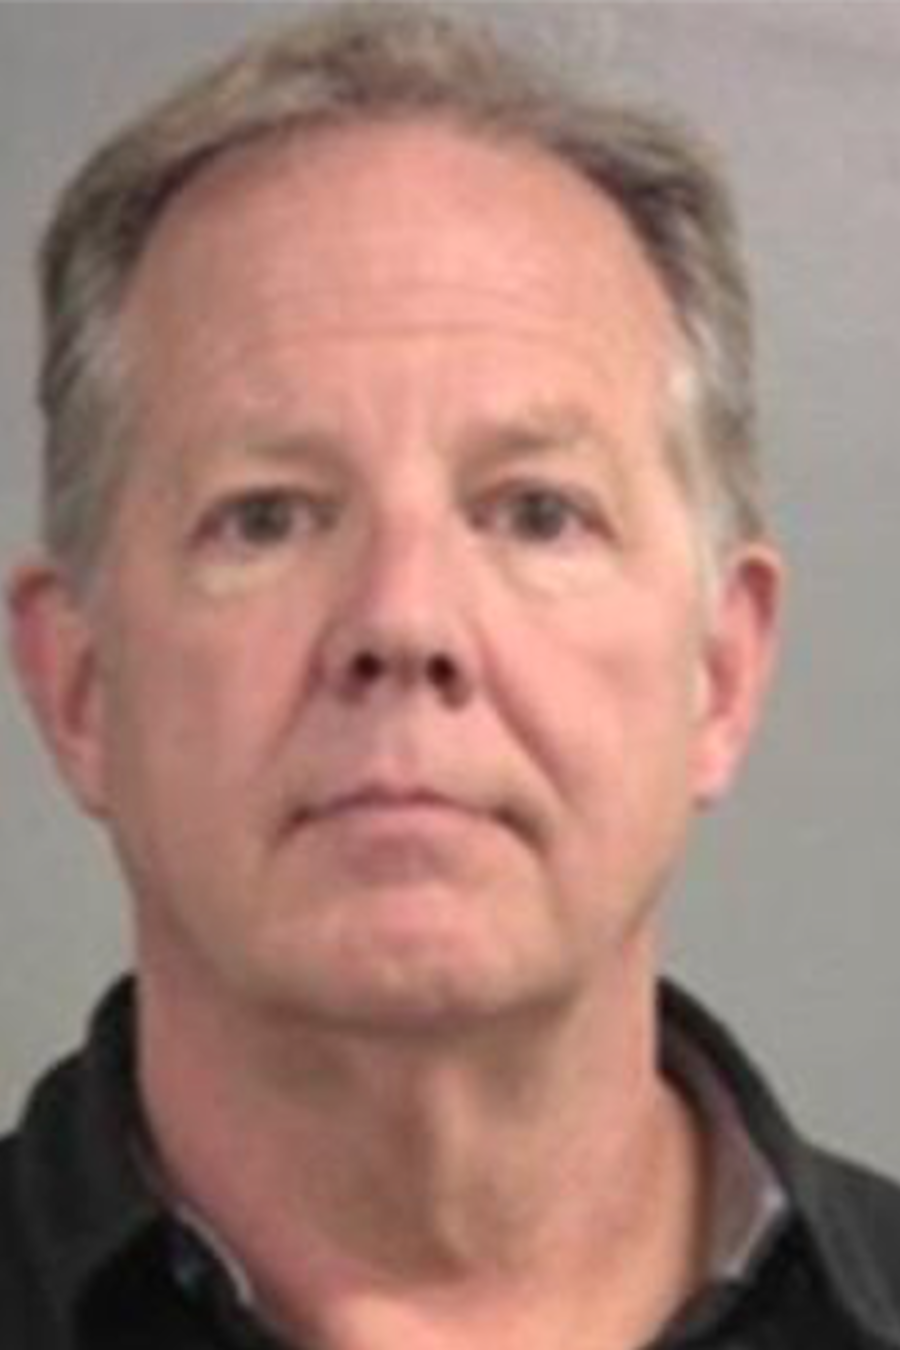 El doctor John Rademaker fue acusado de estrangulamiento en primer grado y tres cargos de acoso con contacto físico por el altercado, que sucedió el pasado 3 de abril.